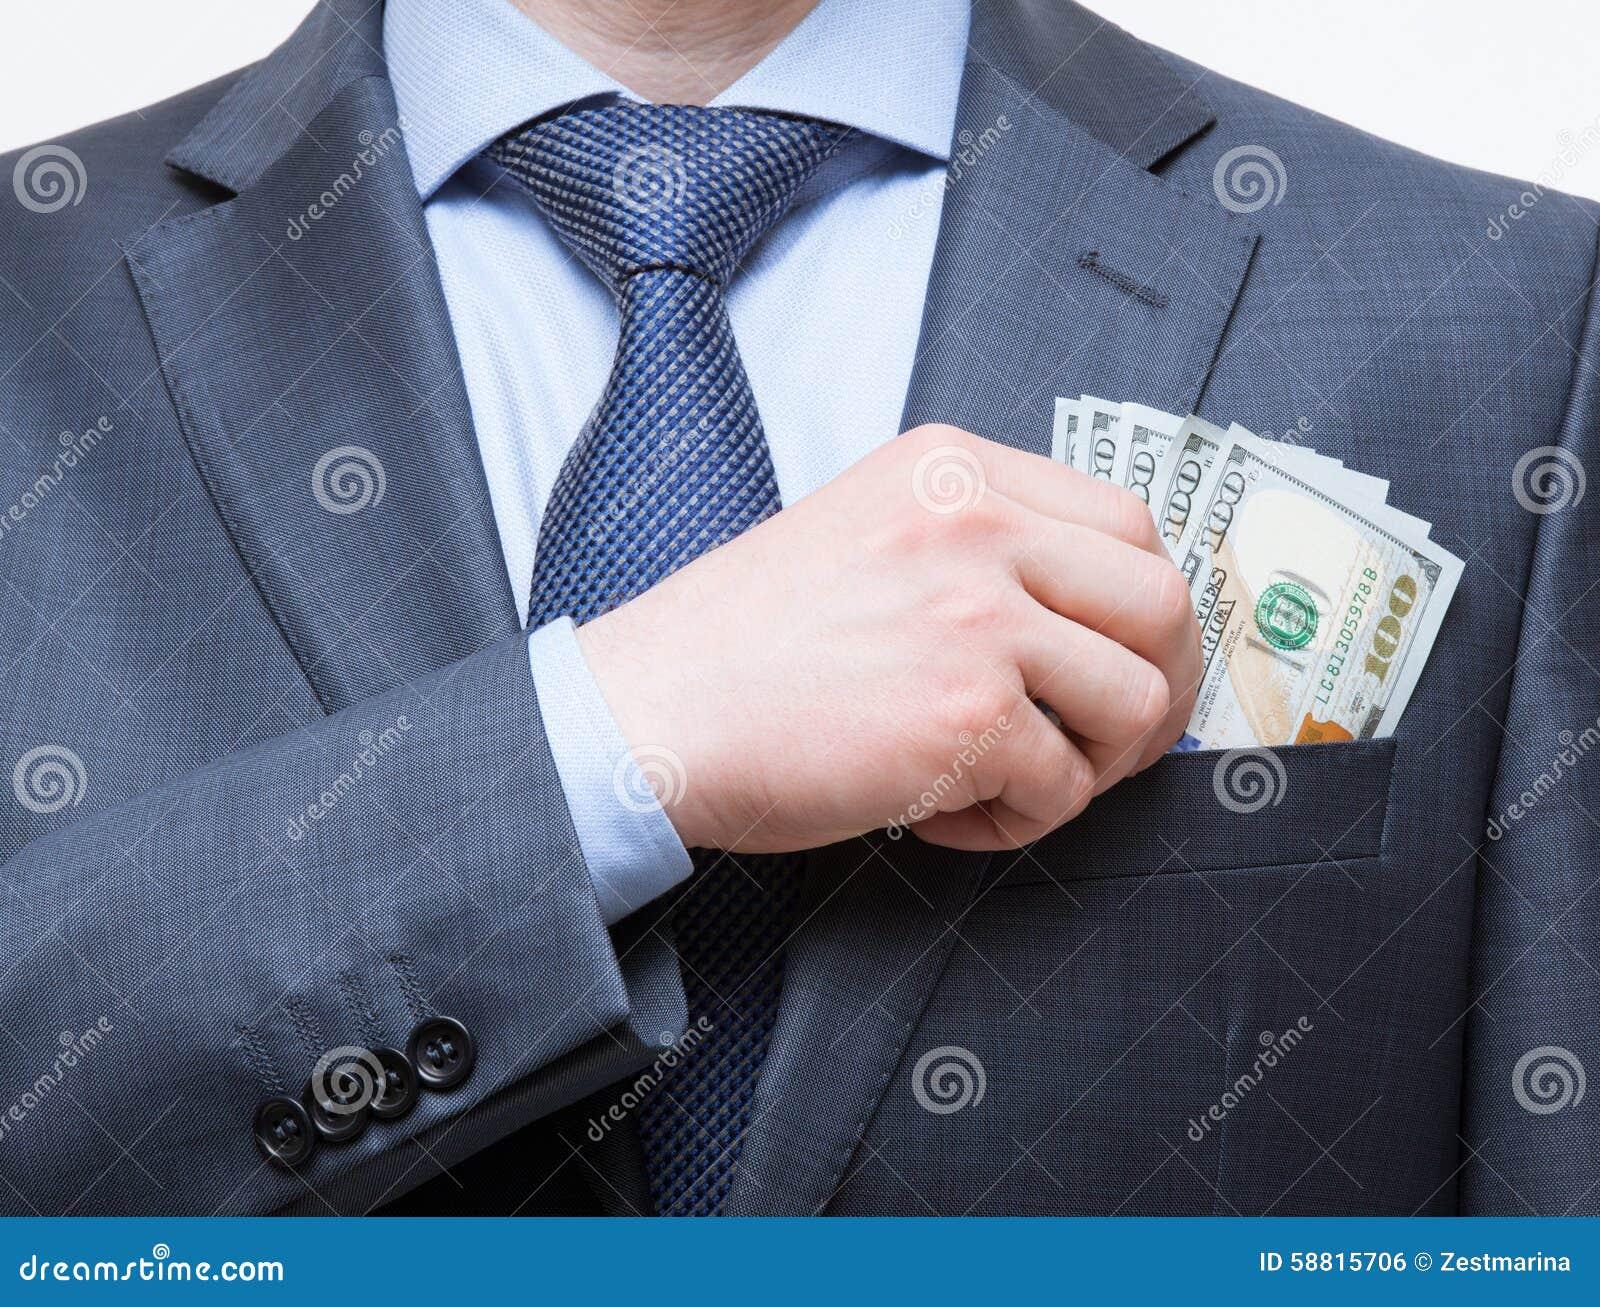 в кармане займ взять онлайн